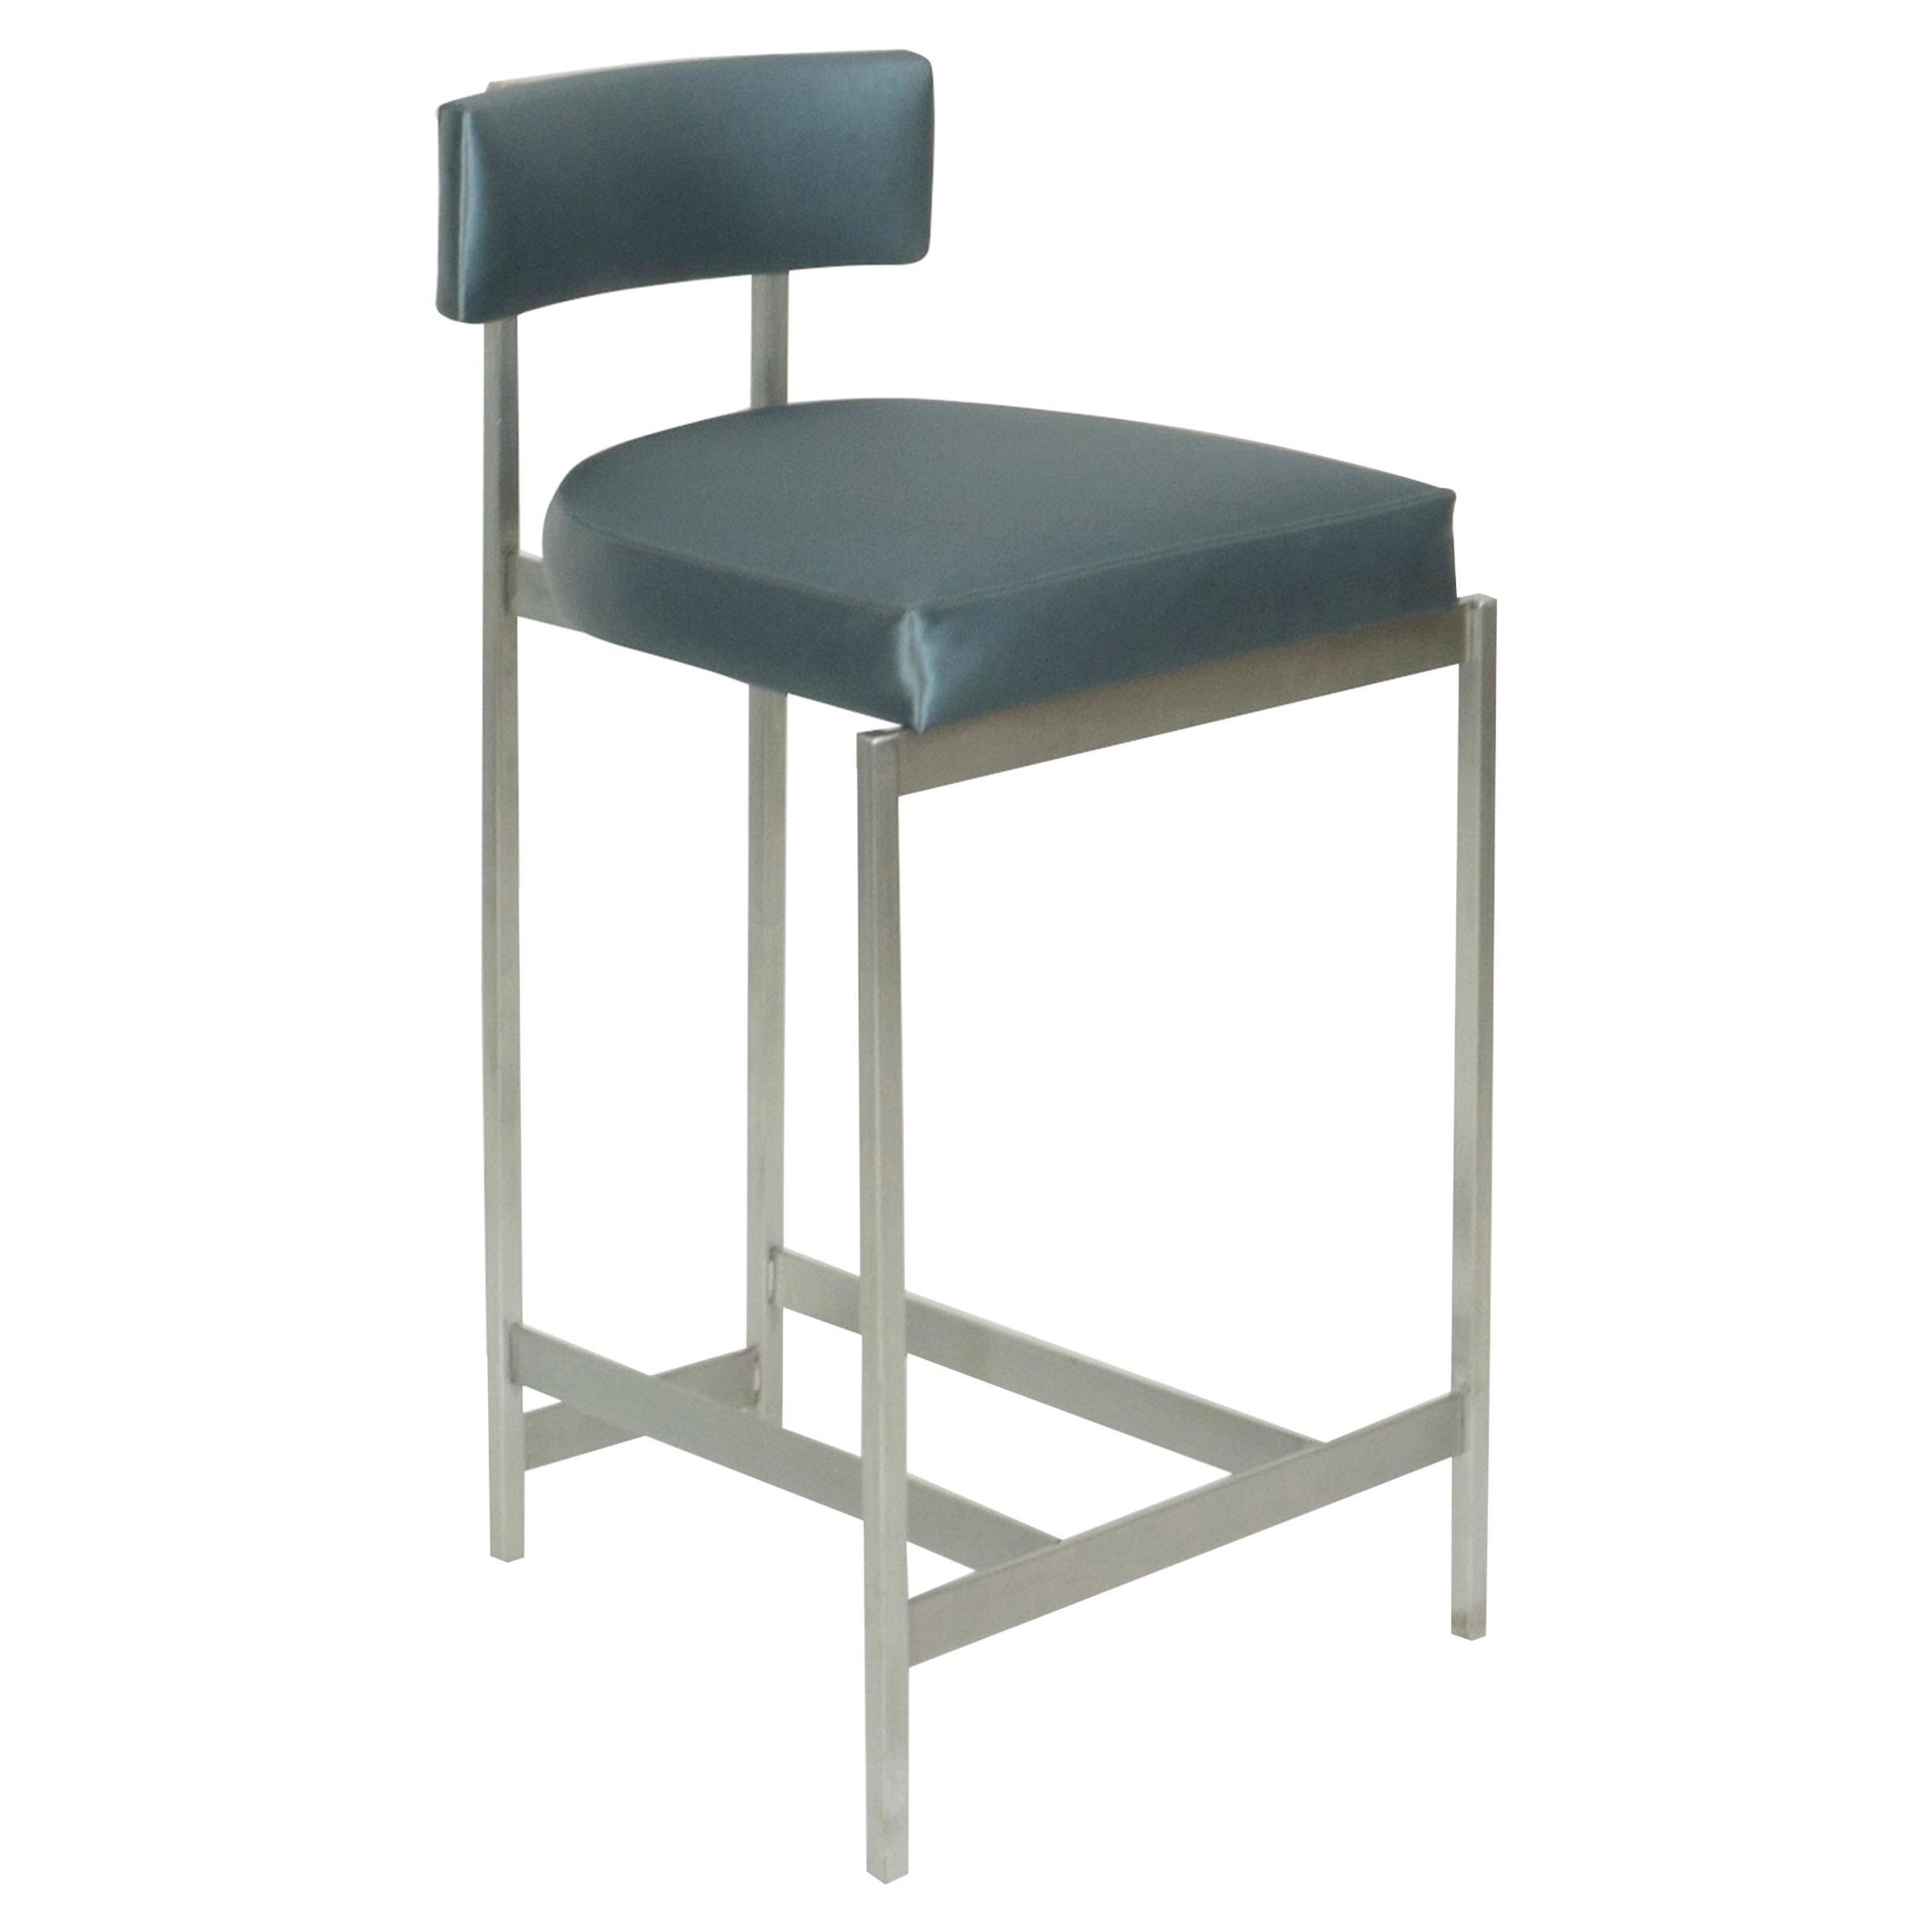 Thin Metal Frame Bar Stool with Metallic Vinyl Seat